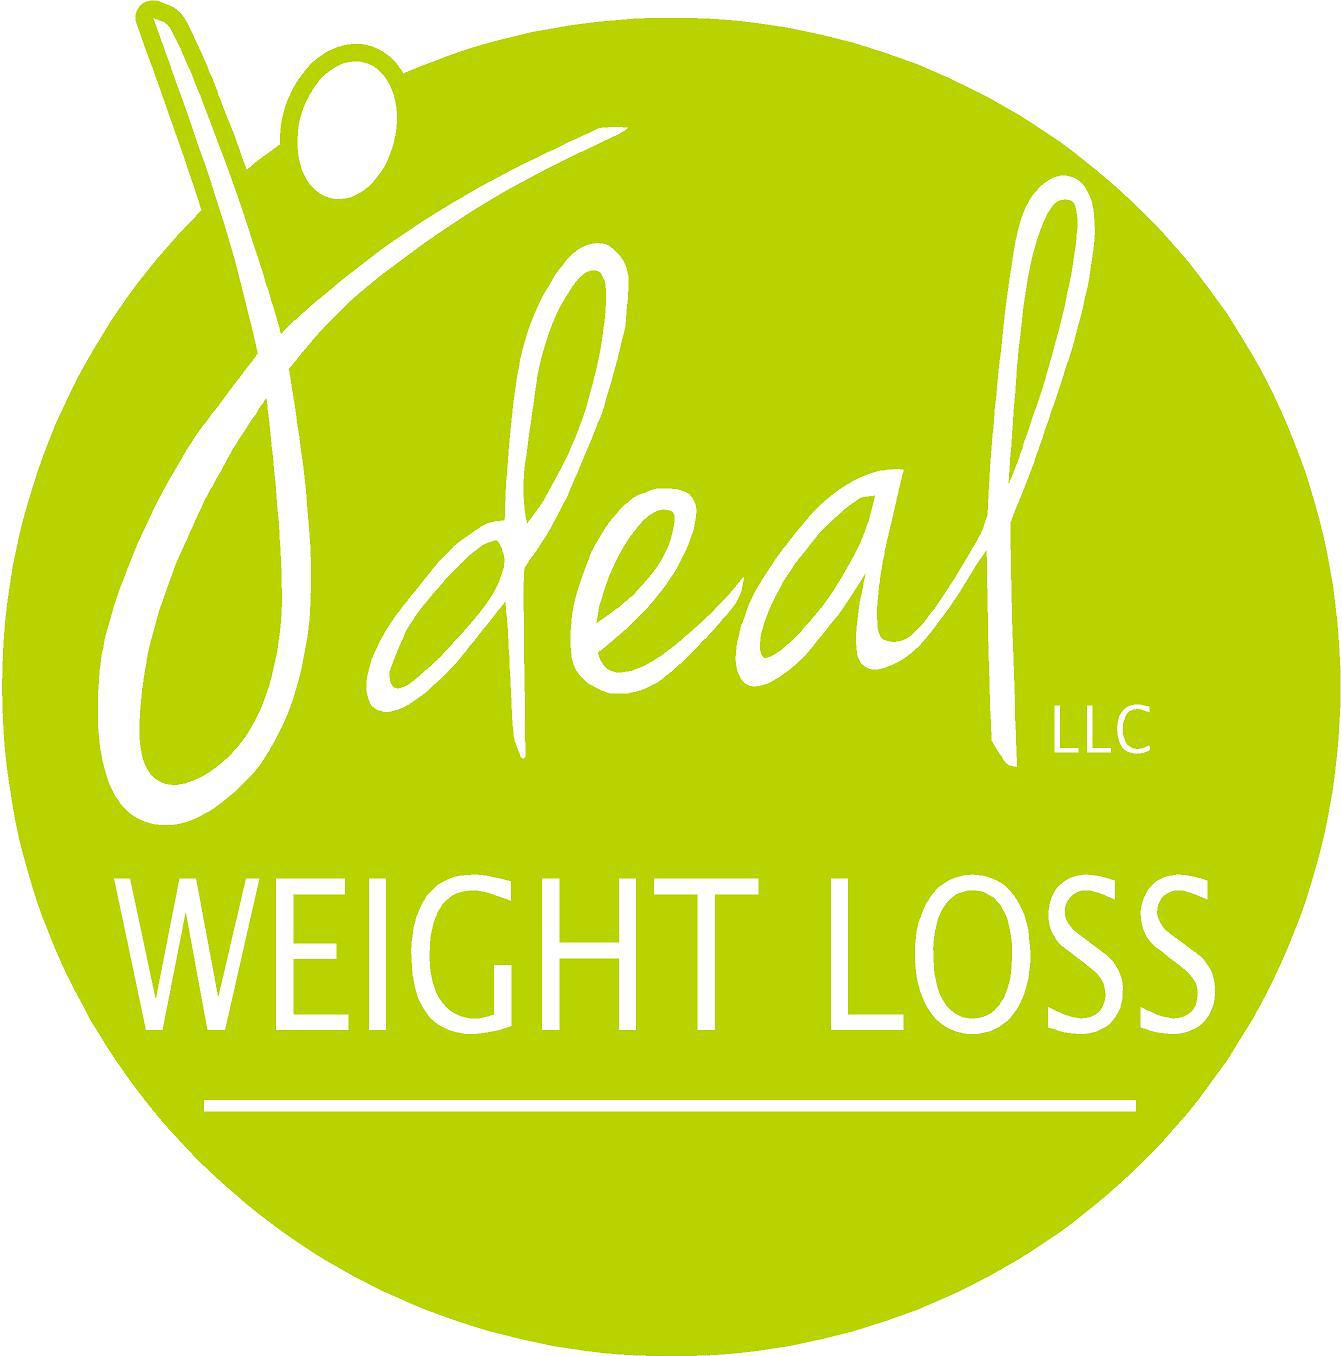 Ideal Weight Loss LLC